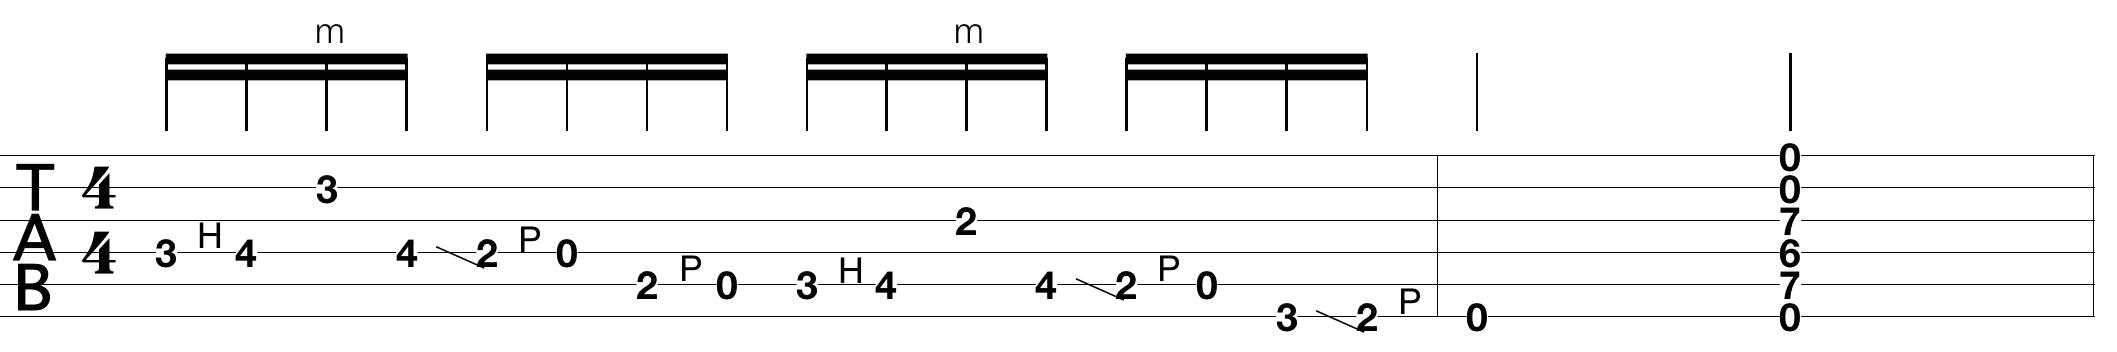 bluegrass-rhythm-guitar_1.png